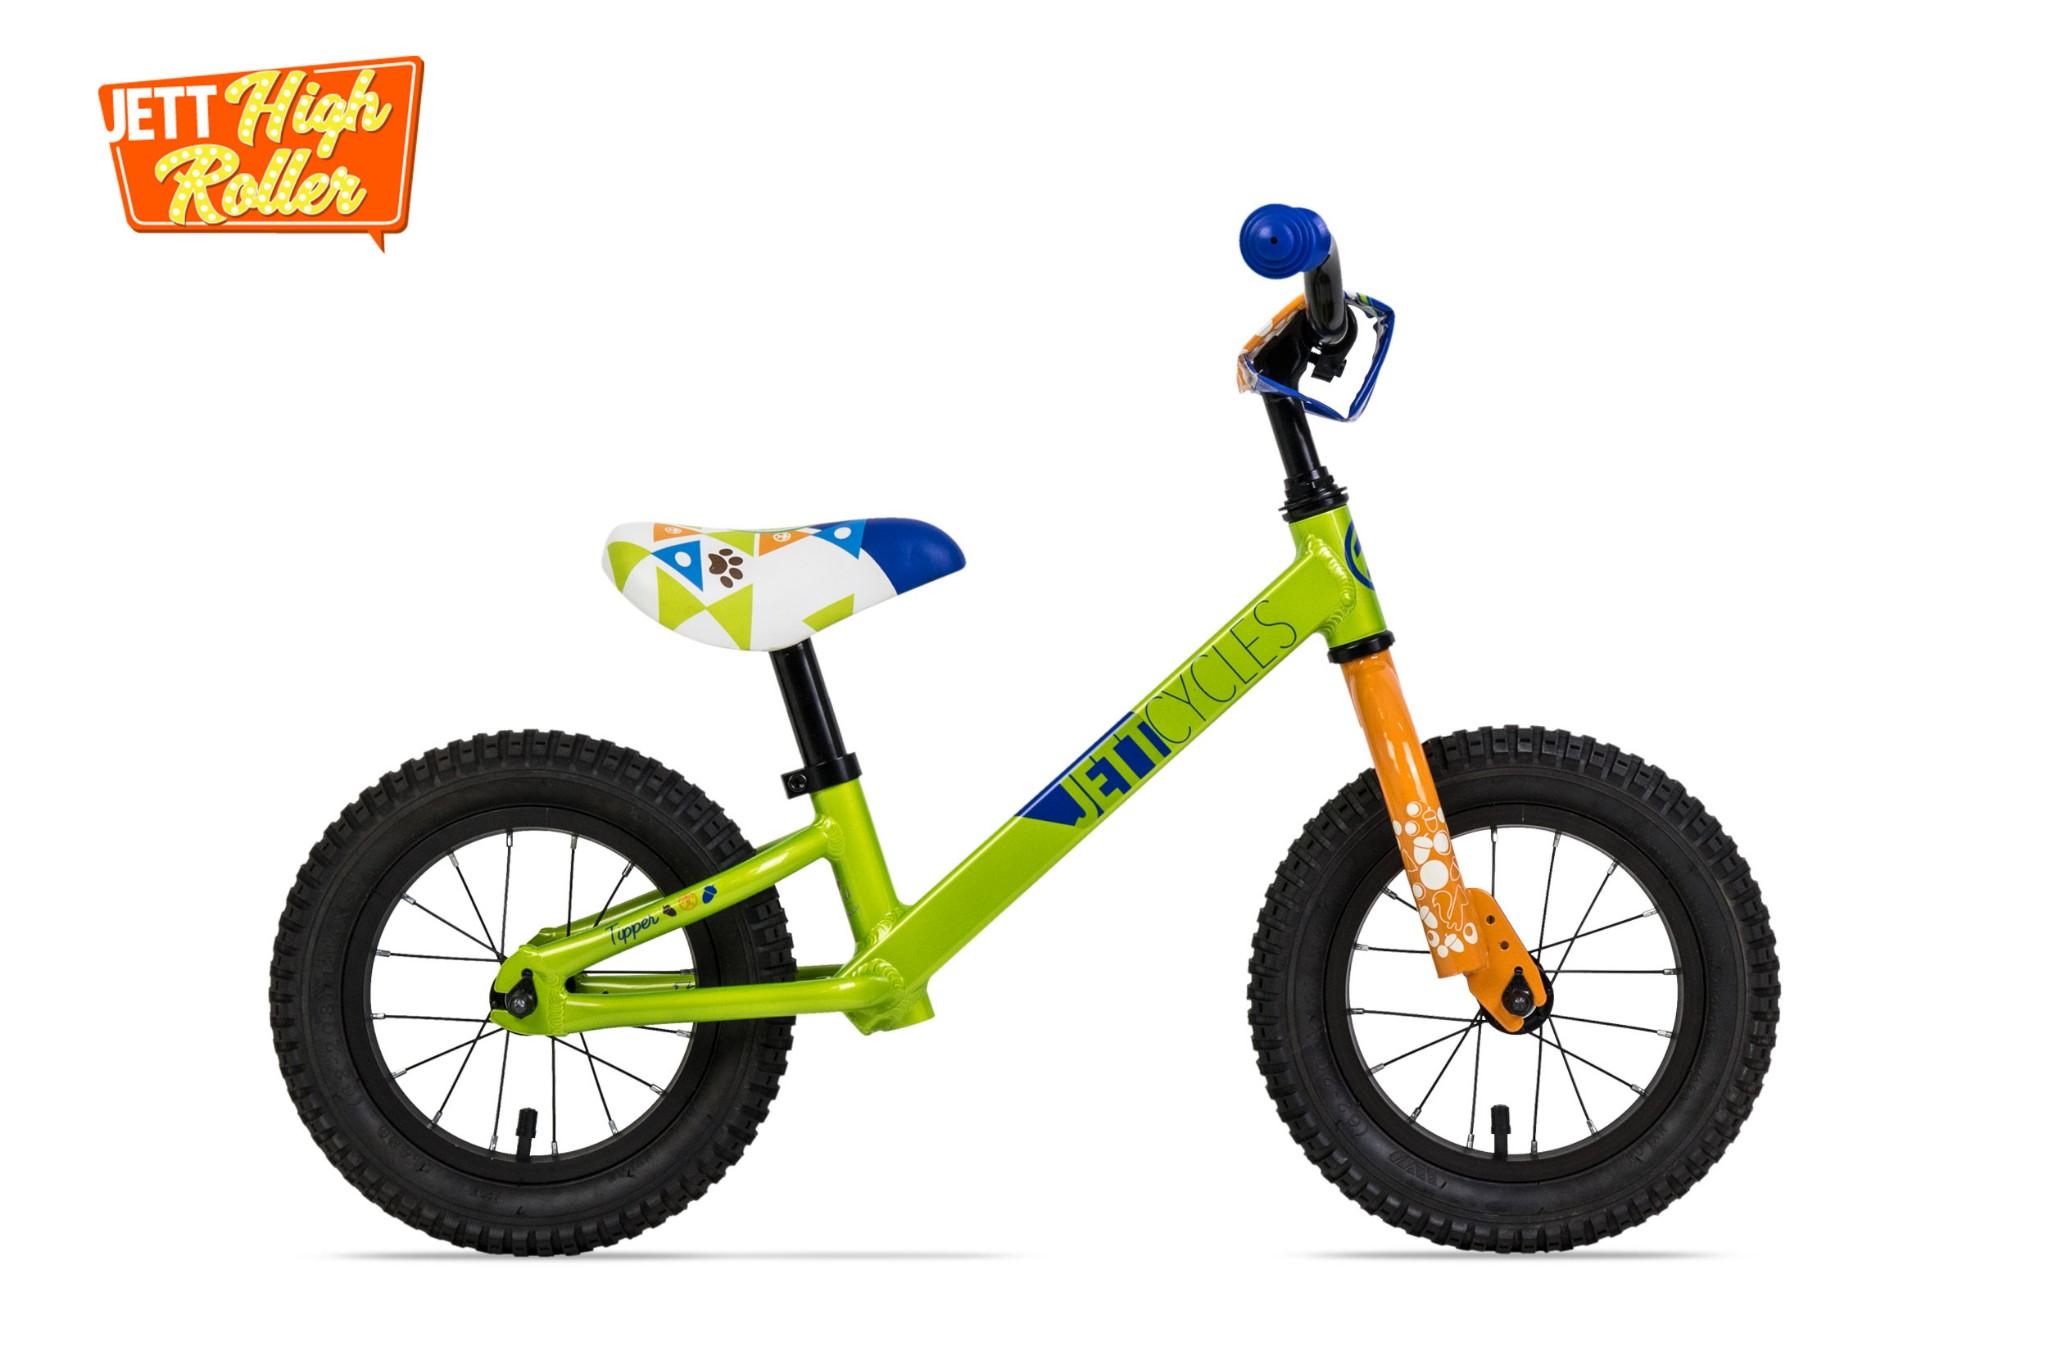 JETT CYCLES TIPPER 2018